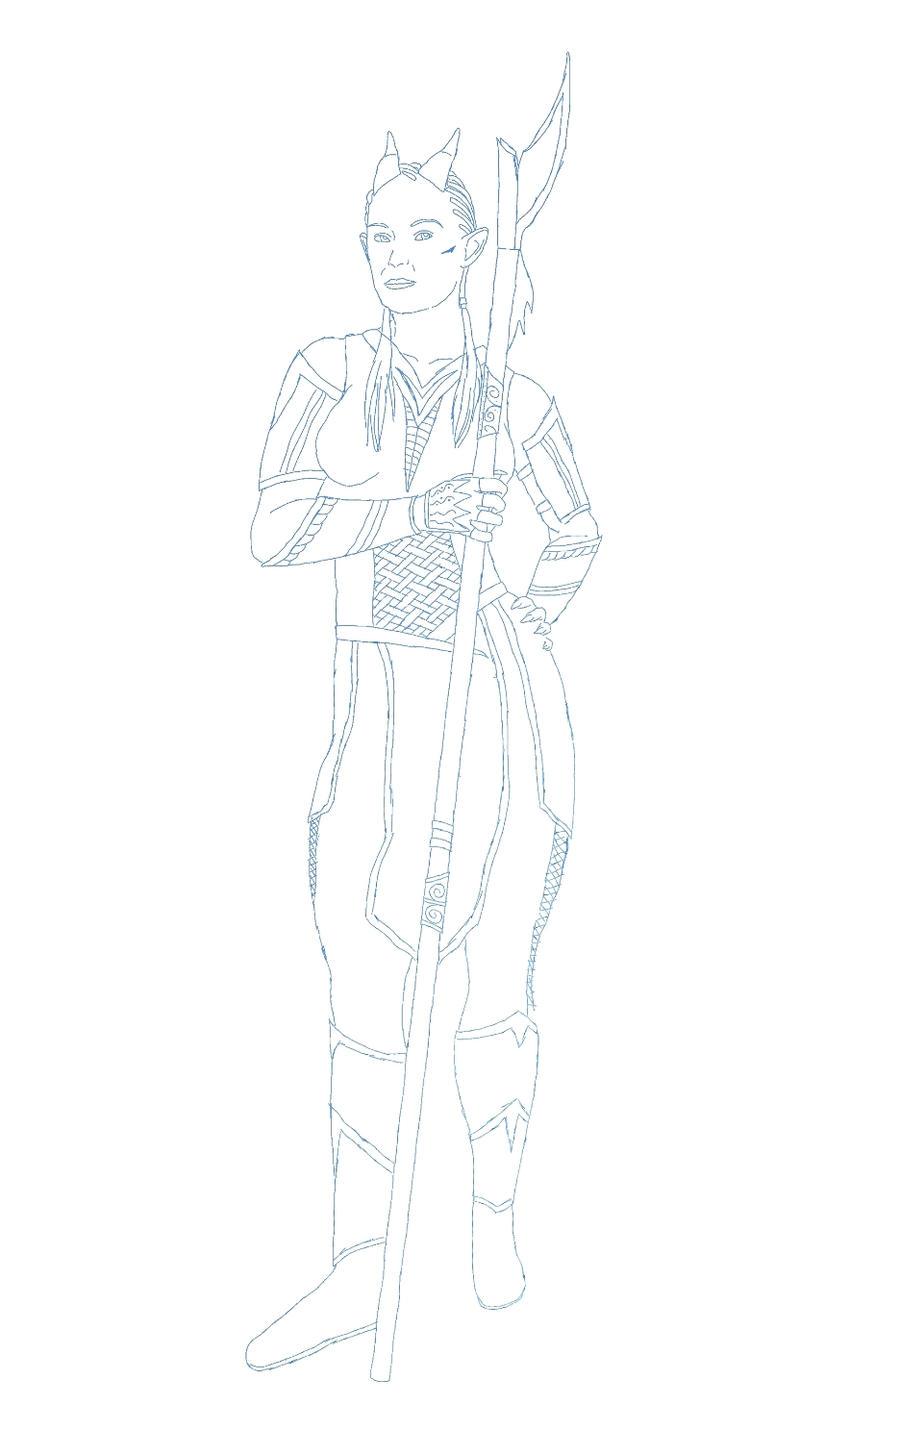 Soran Sketch by dragaodepapel